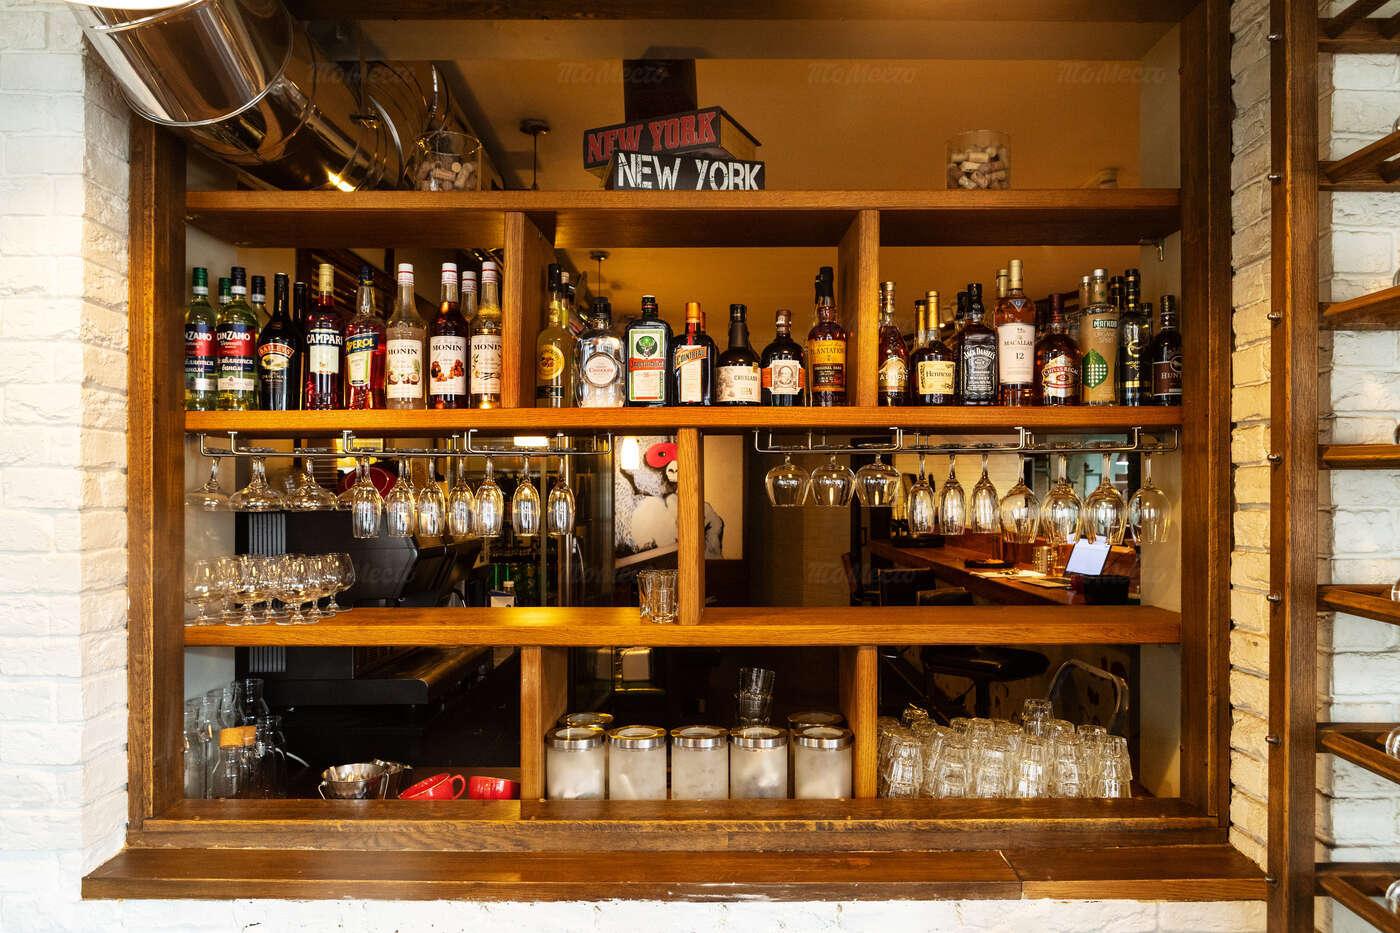 Банкеты ресторана Нью-Йорк пицца и гриль на Суворовской улице фото 10